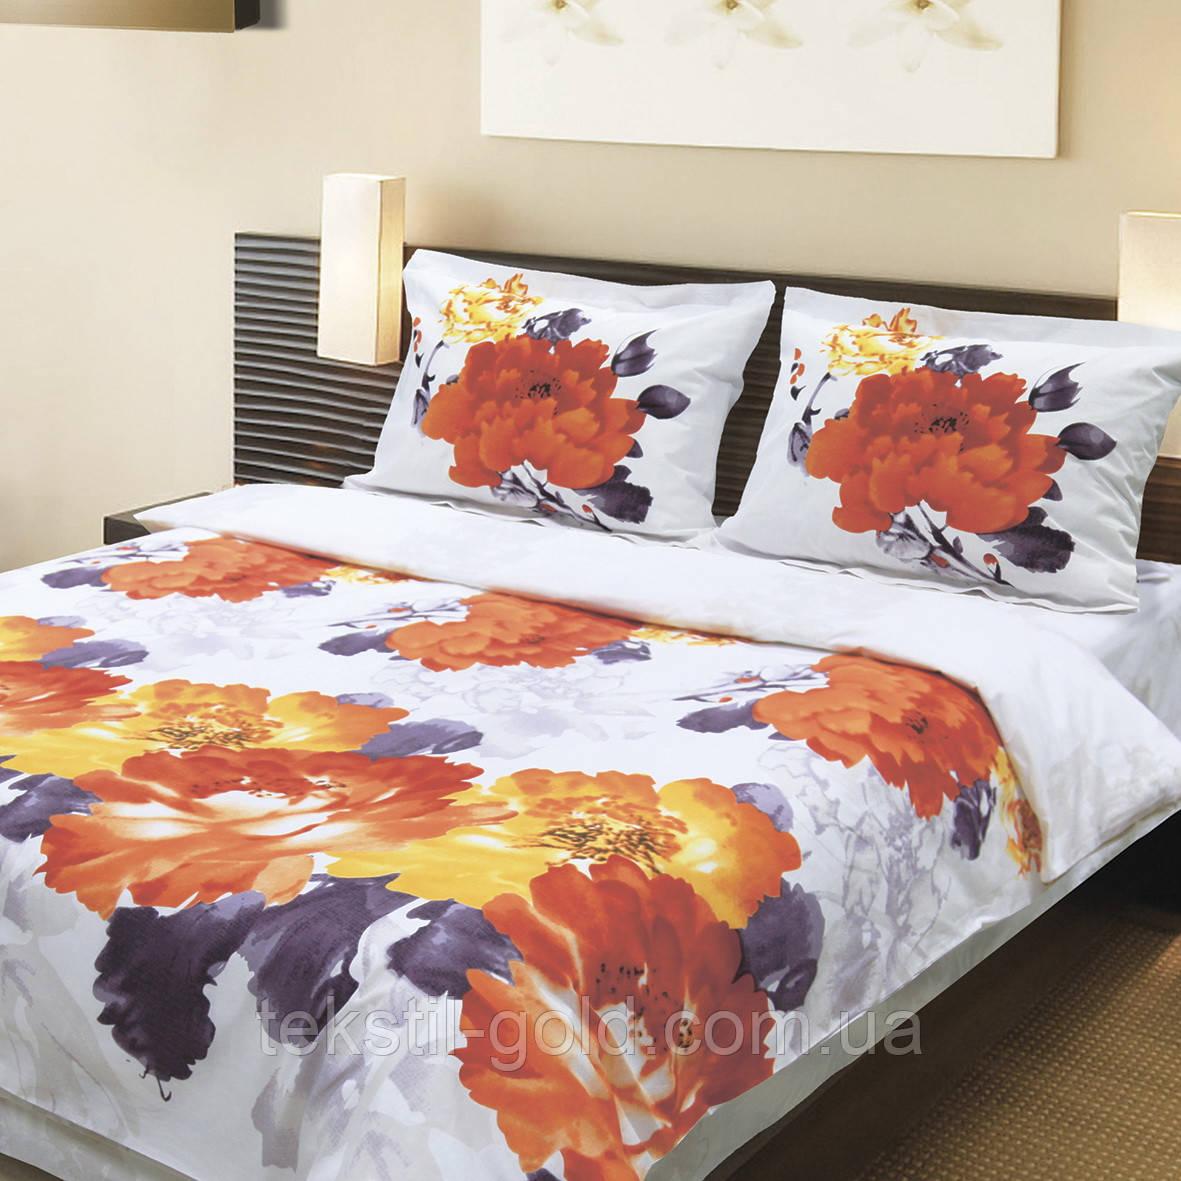 Комплект постельного белья 915 «Акварель» ТМ ТЕП (Украина) бязь полуторный